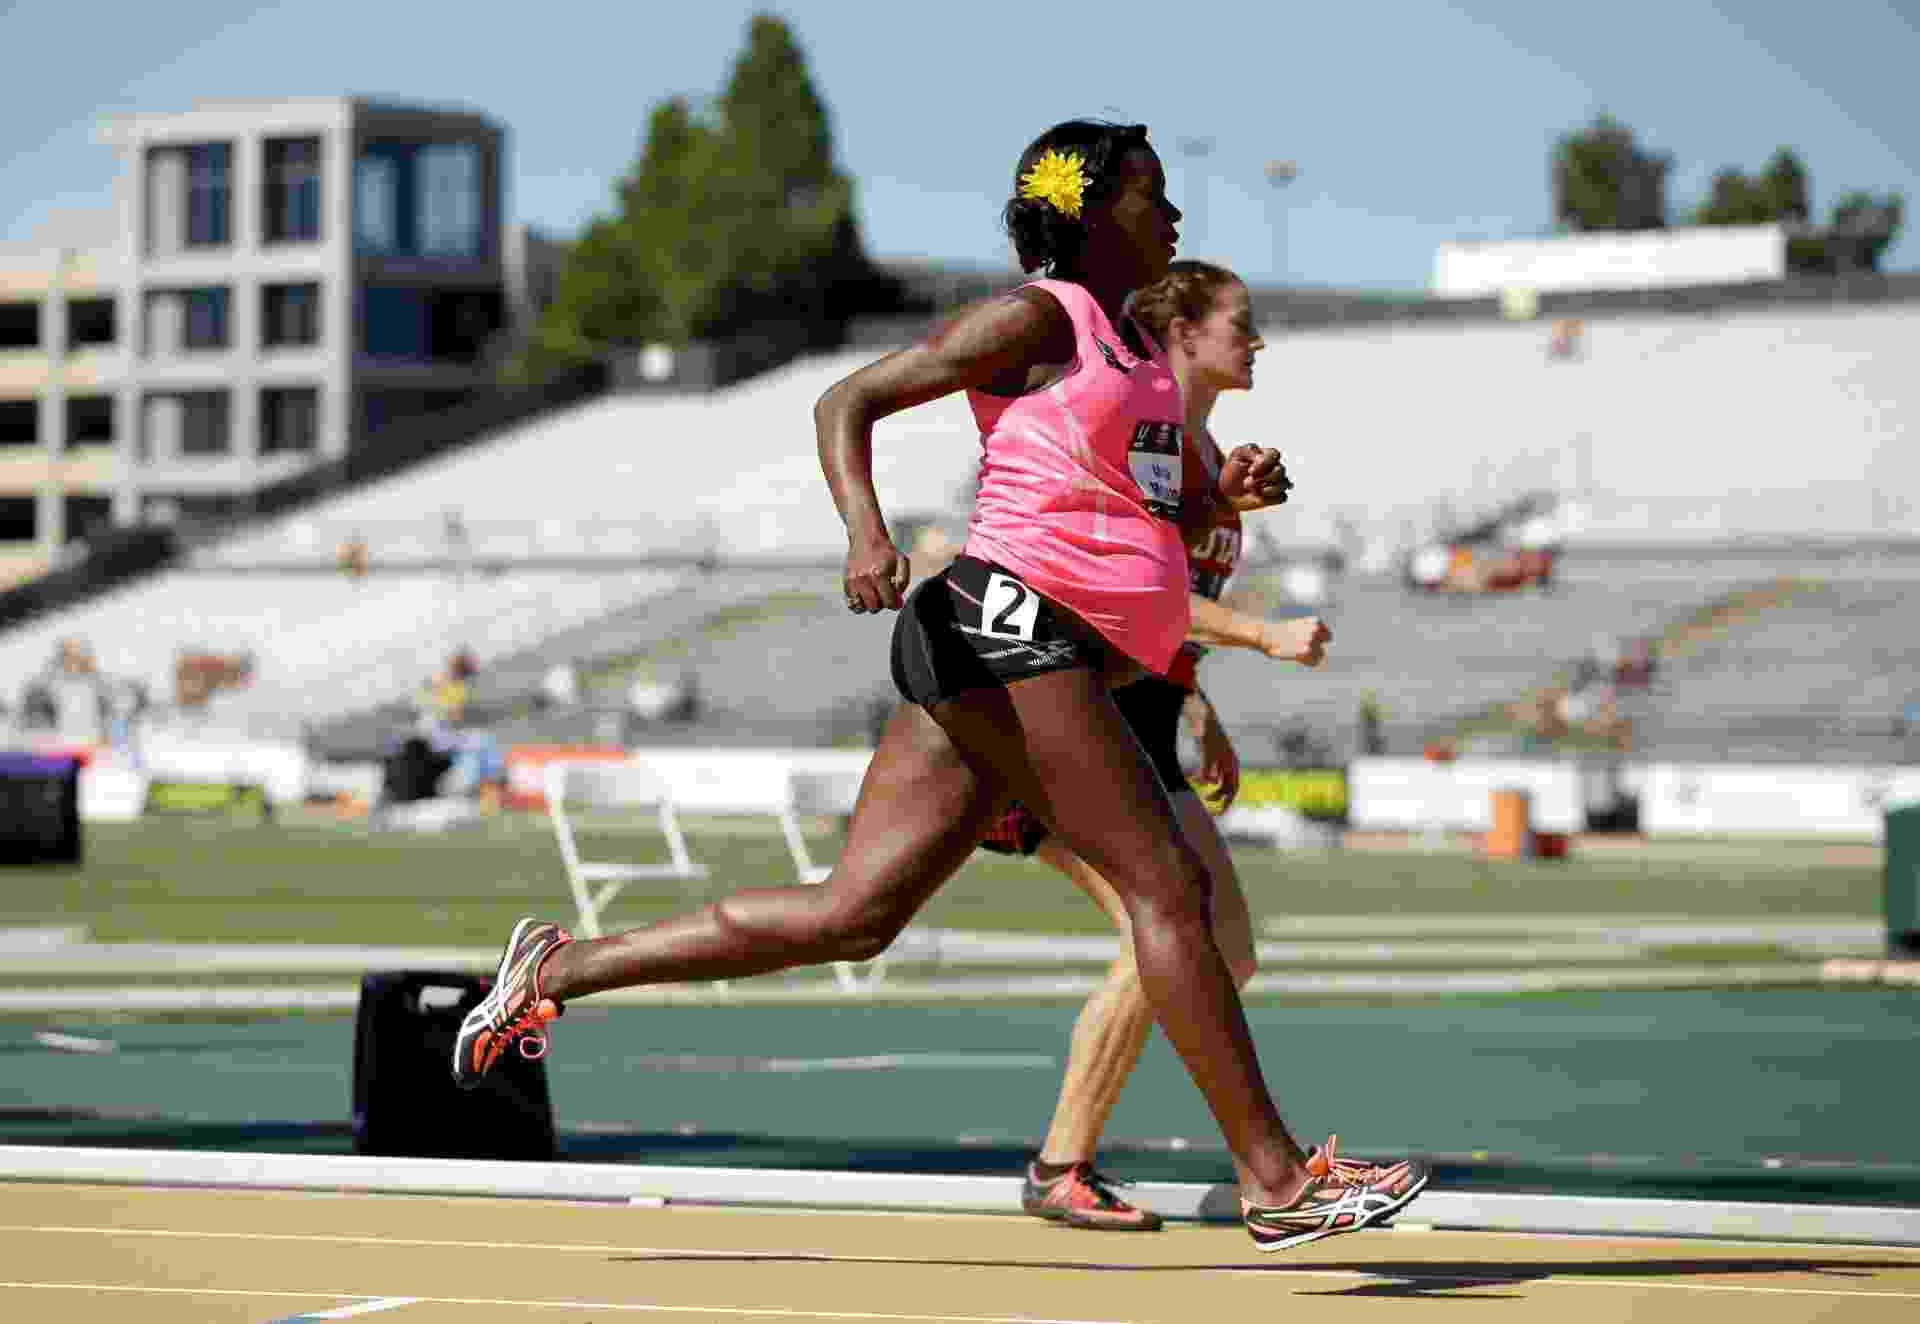 A norte-americana Alysia Montano virou notícia no mundo após correr prova dos 800m mesmo estando grávida de 34 semanas - Ezra Shaw/Getty Images/AFP